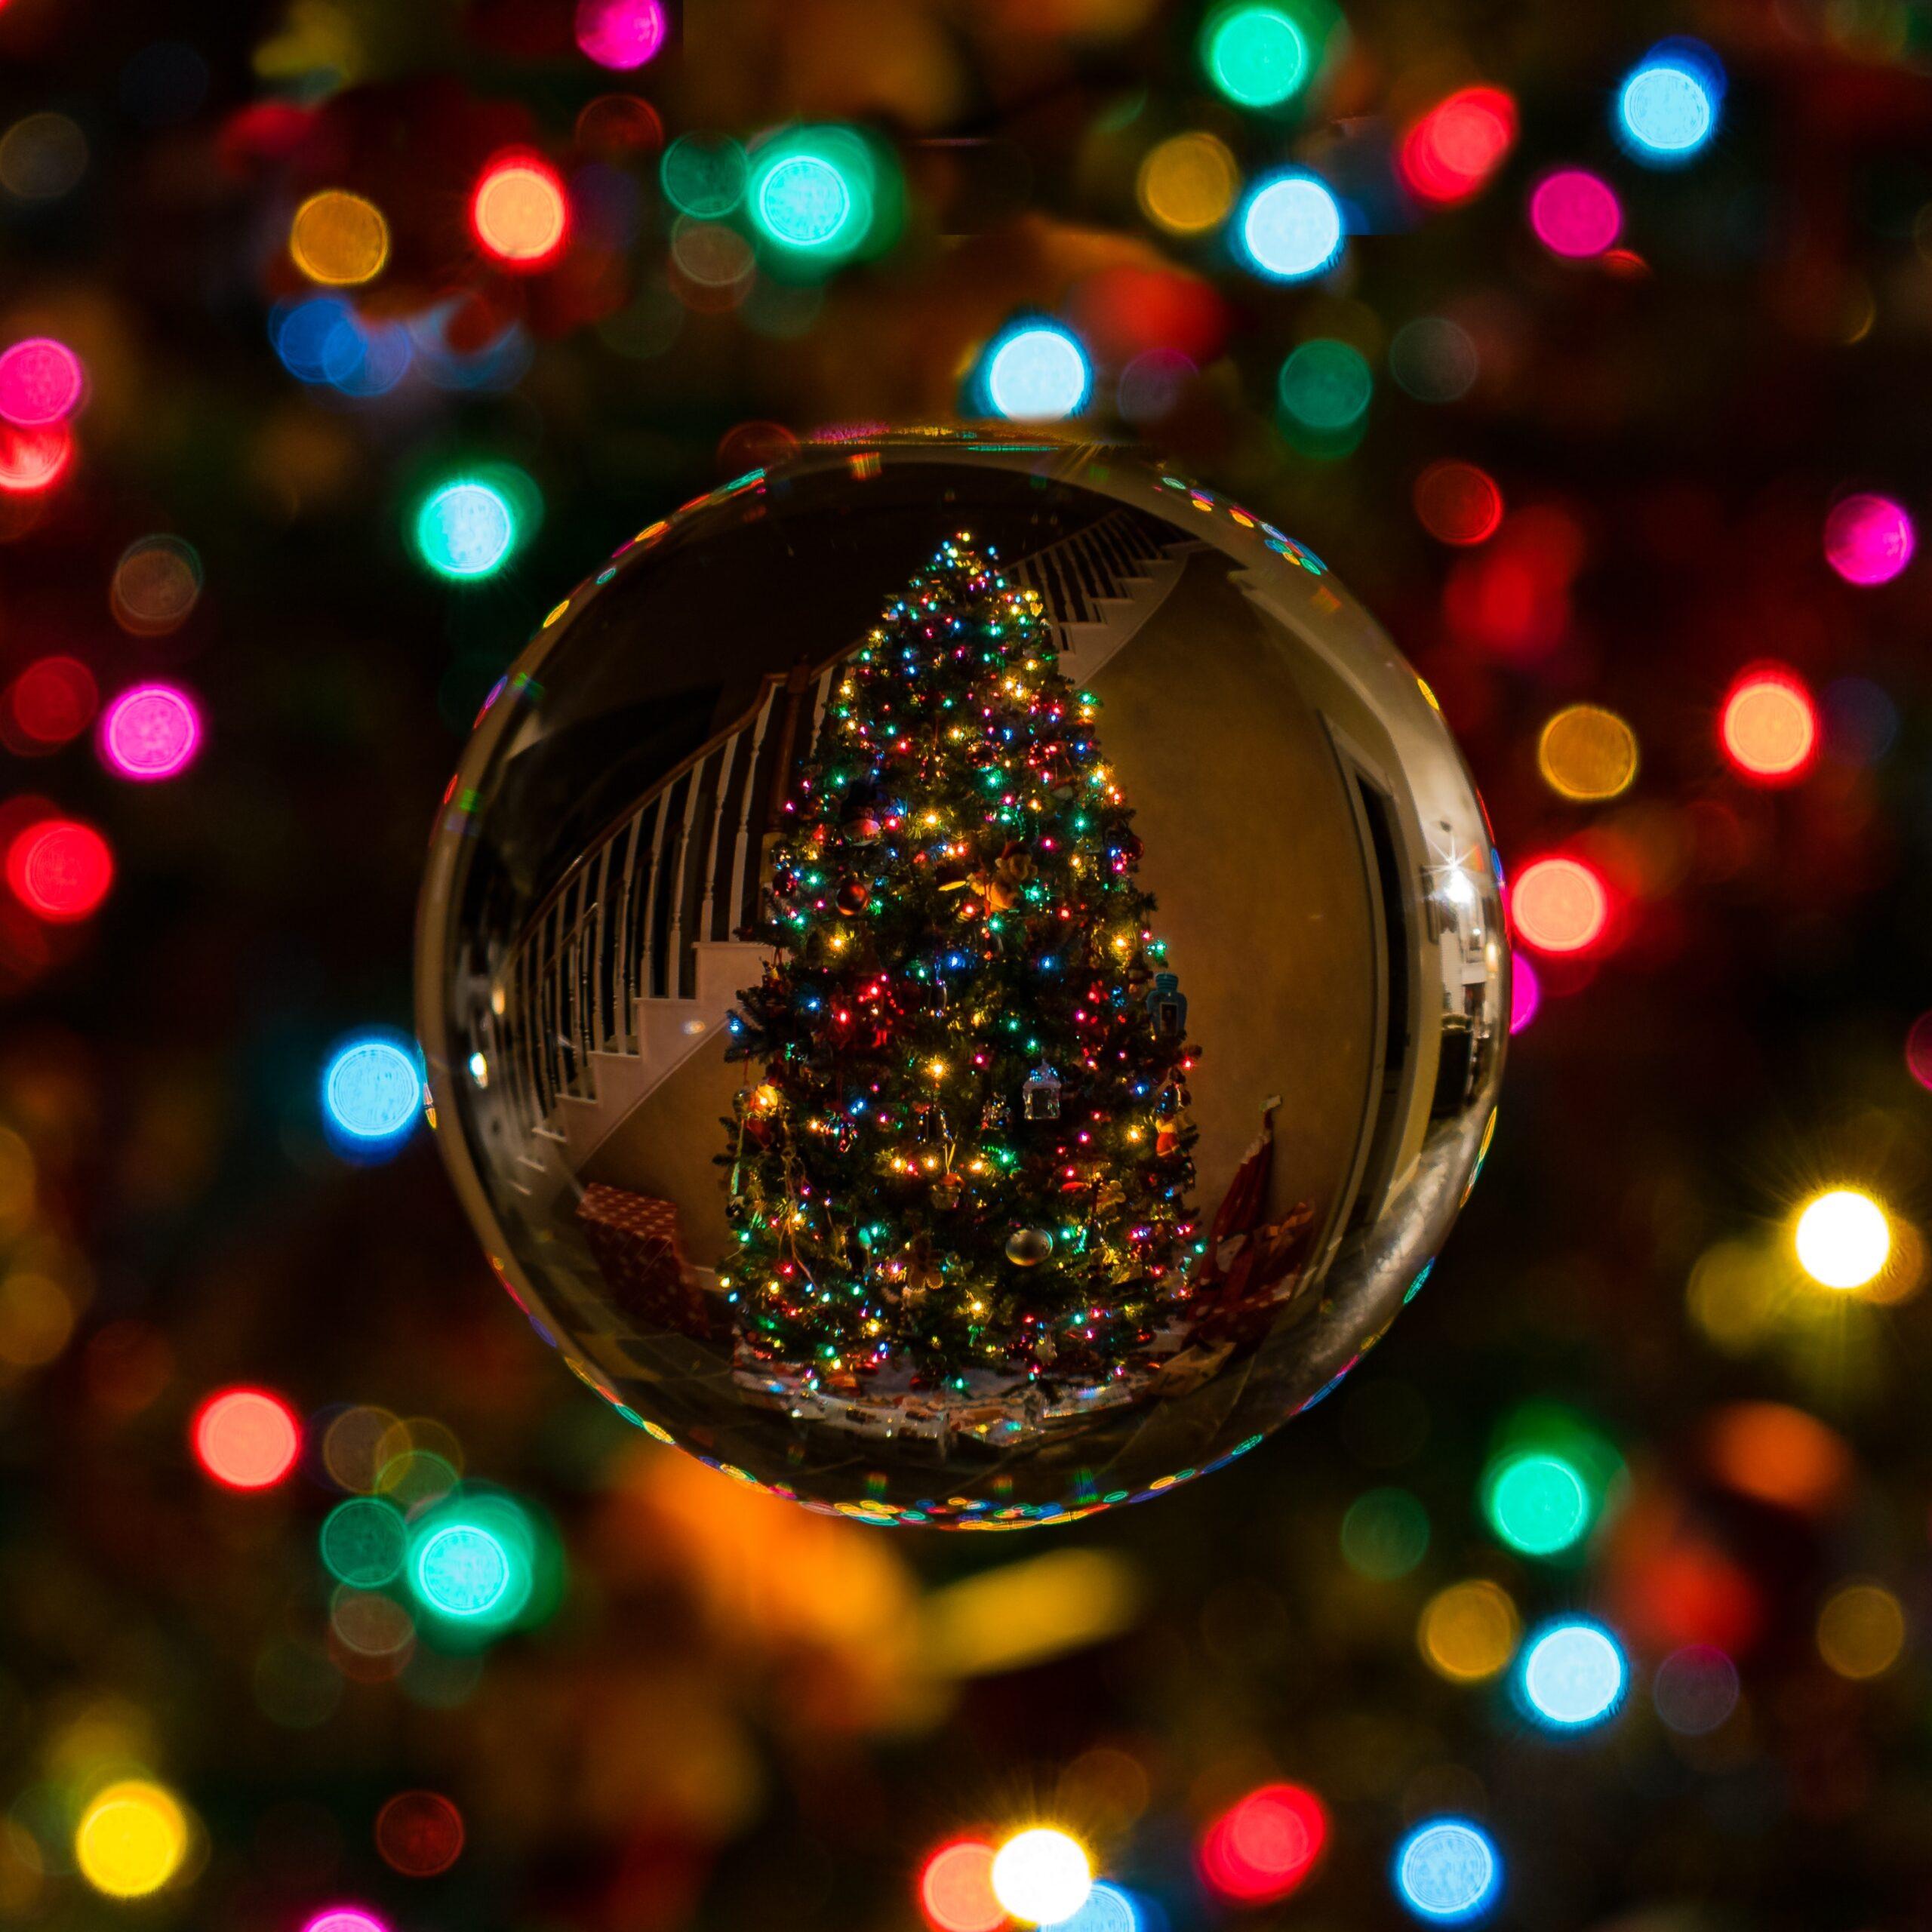 Νοσταλγικό ταξίδι μέσα από Χριστουγεννιάτικες ταινίες.